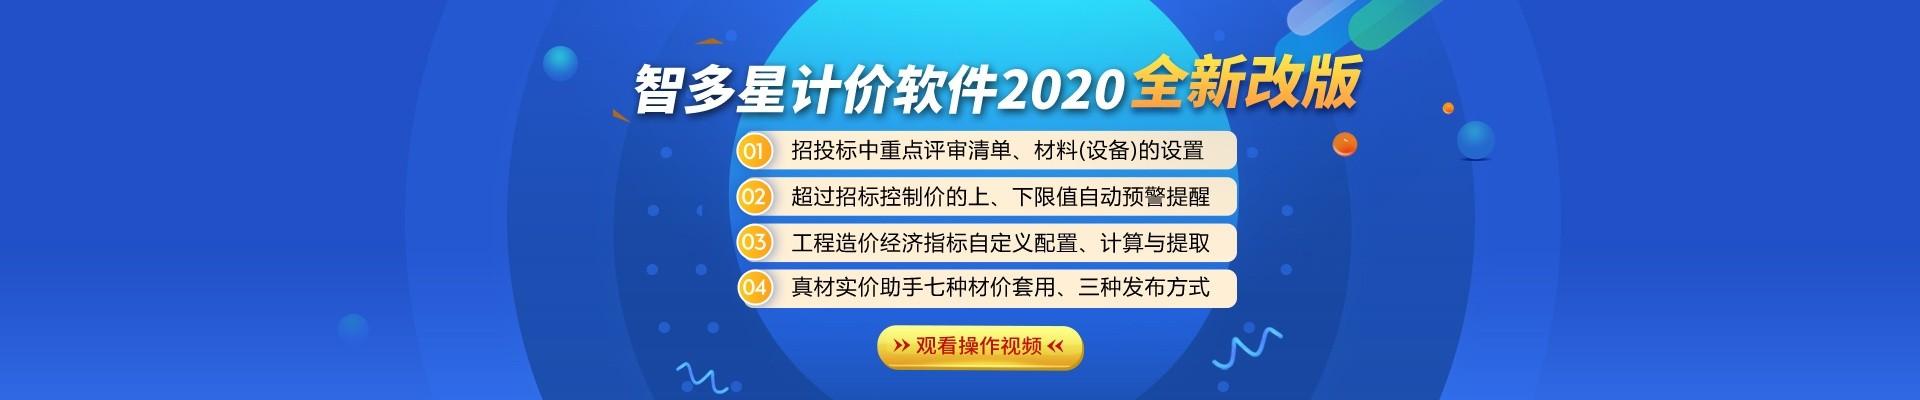 河北快3分析预测计价软件2020全新改版